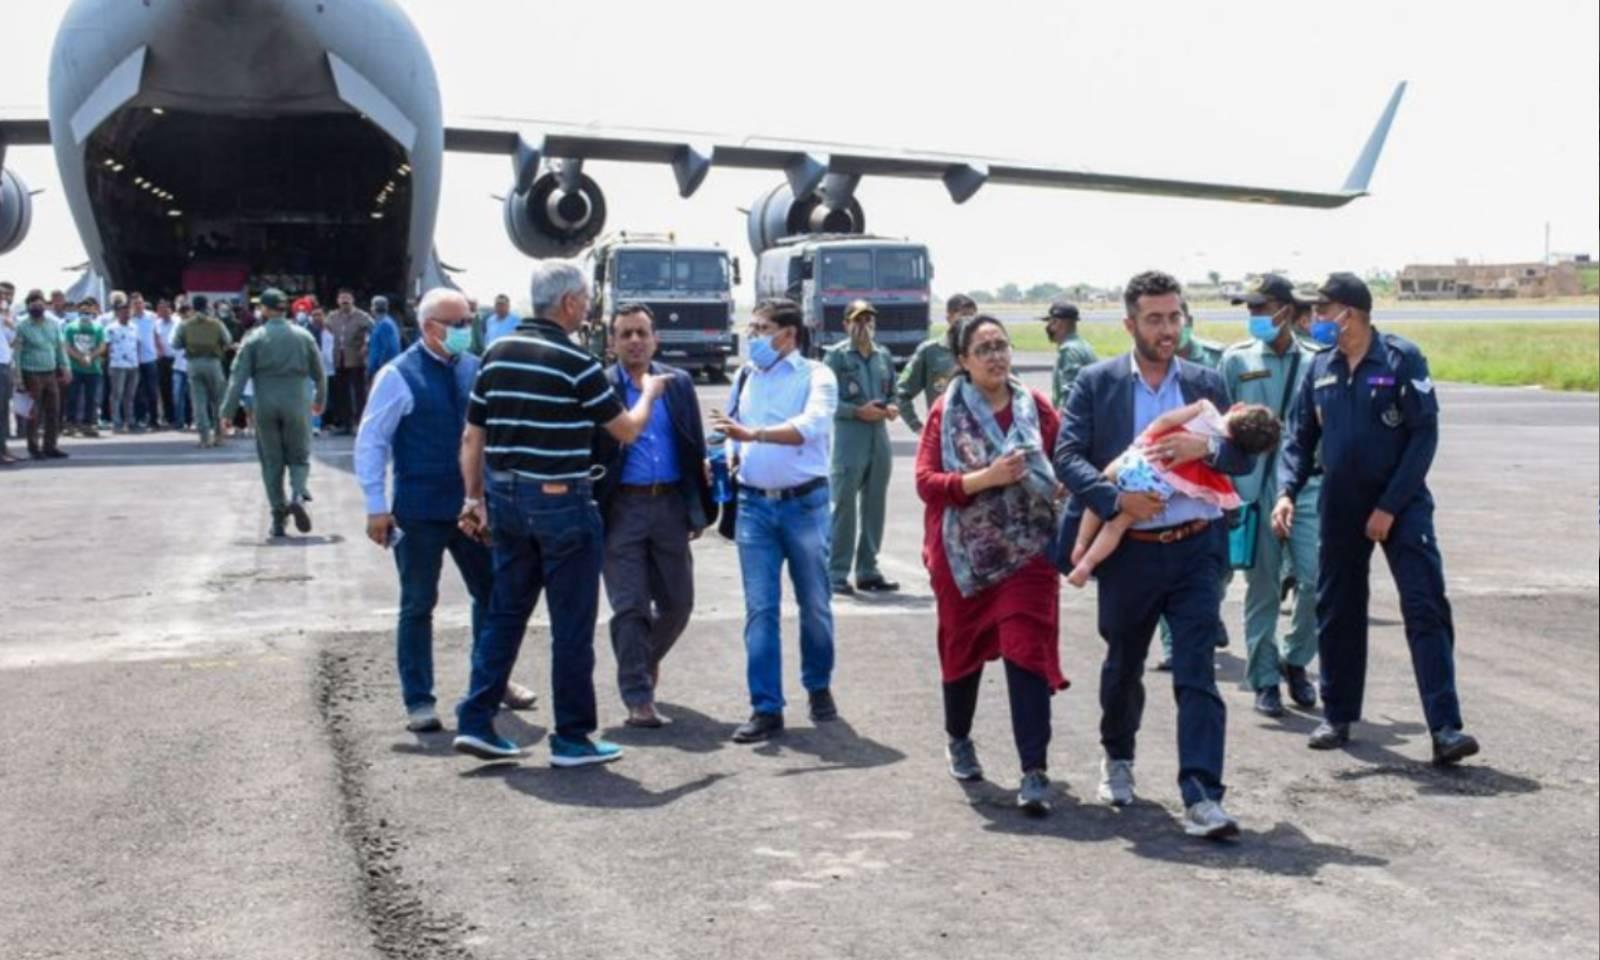 بھارتی حکام افغانستان سے جام نگر پہنچنے والے اپنے شہریوں کا استقبال کررہے ہیں —فوٹو: پریس ٹرسٹ آف انڈیا